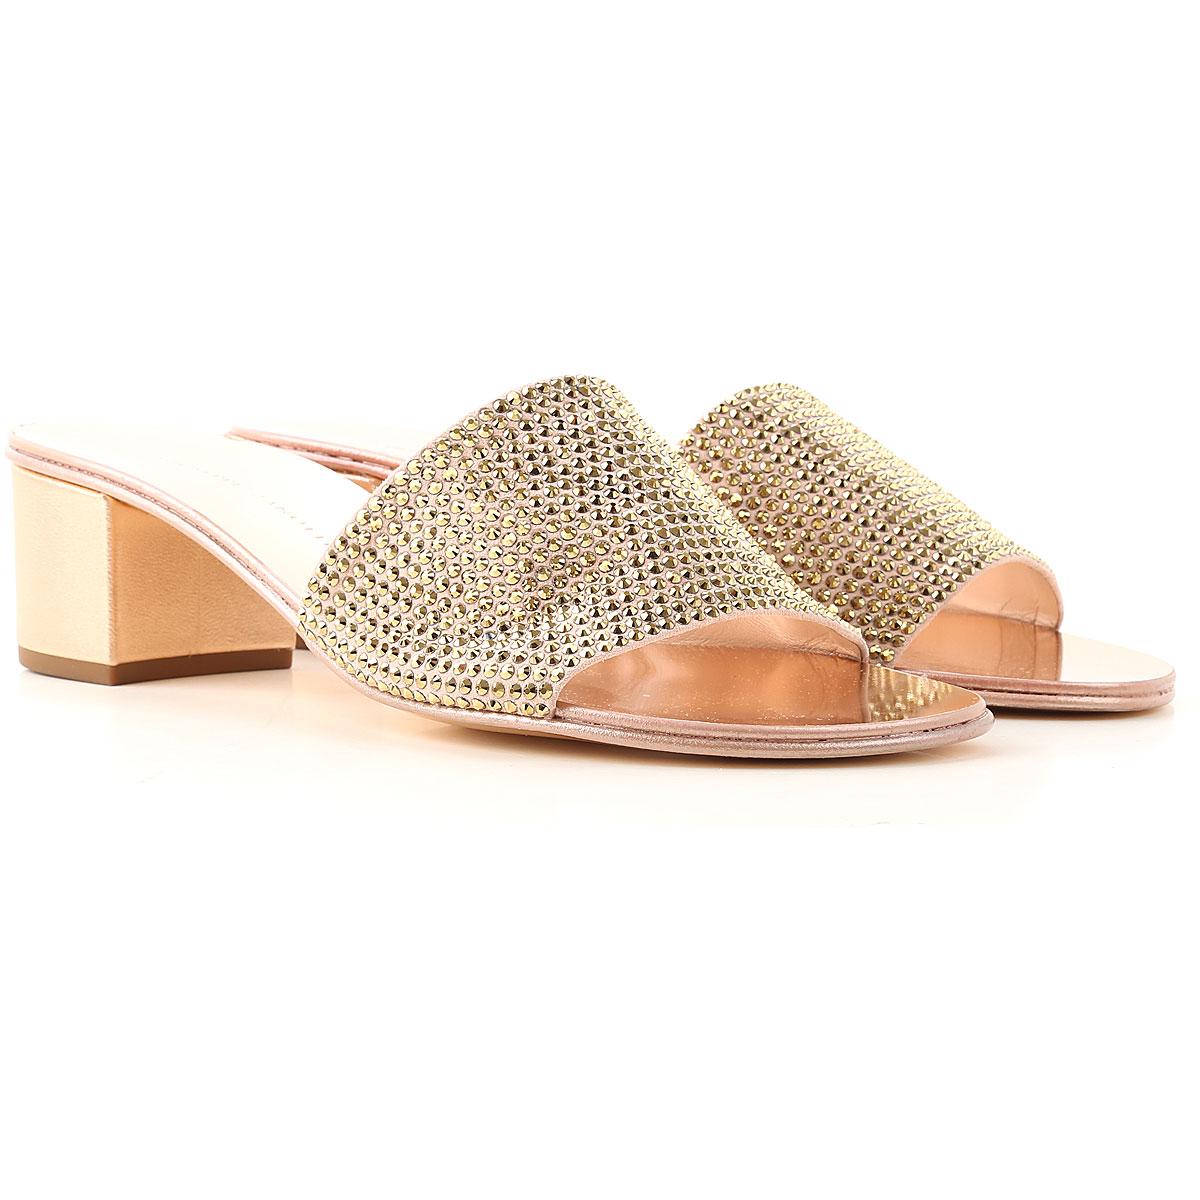 Giuseppe Zanotti Design Sandals for Women On Sale, Golden Rose, Leather, 2019, 10 6